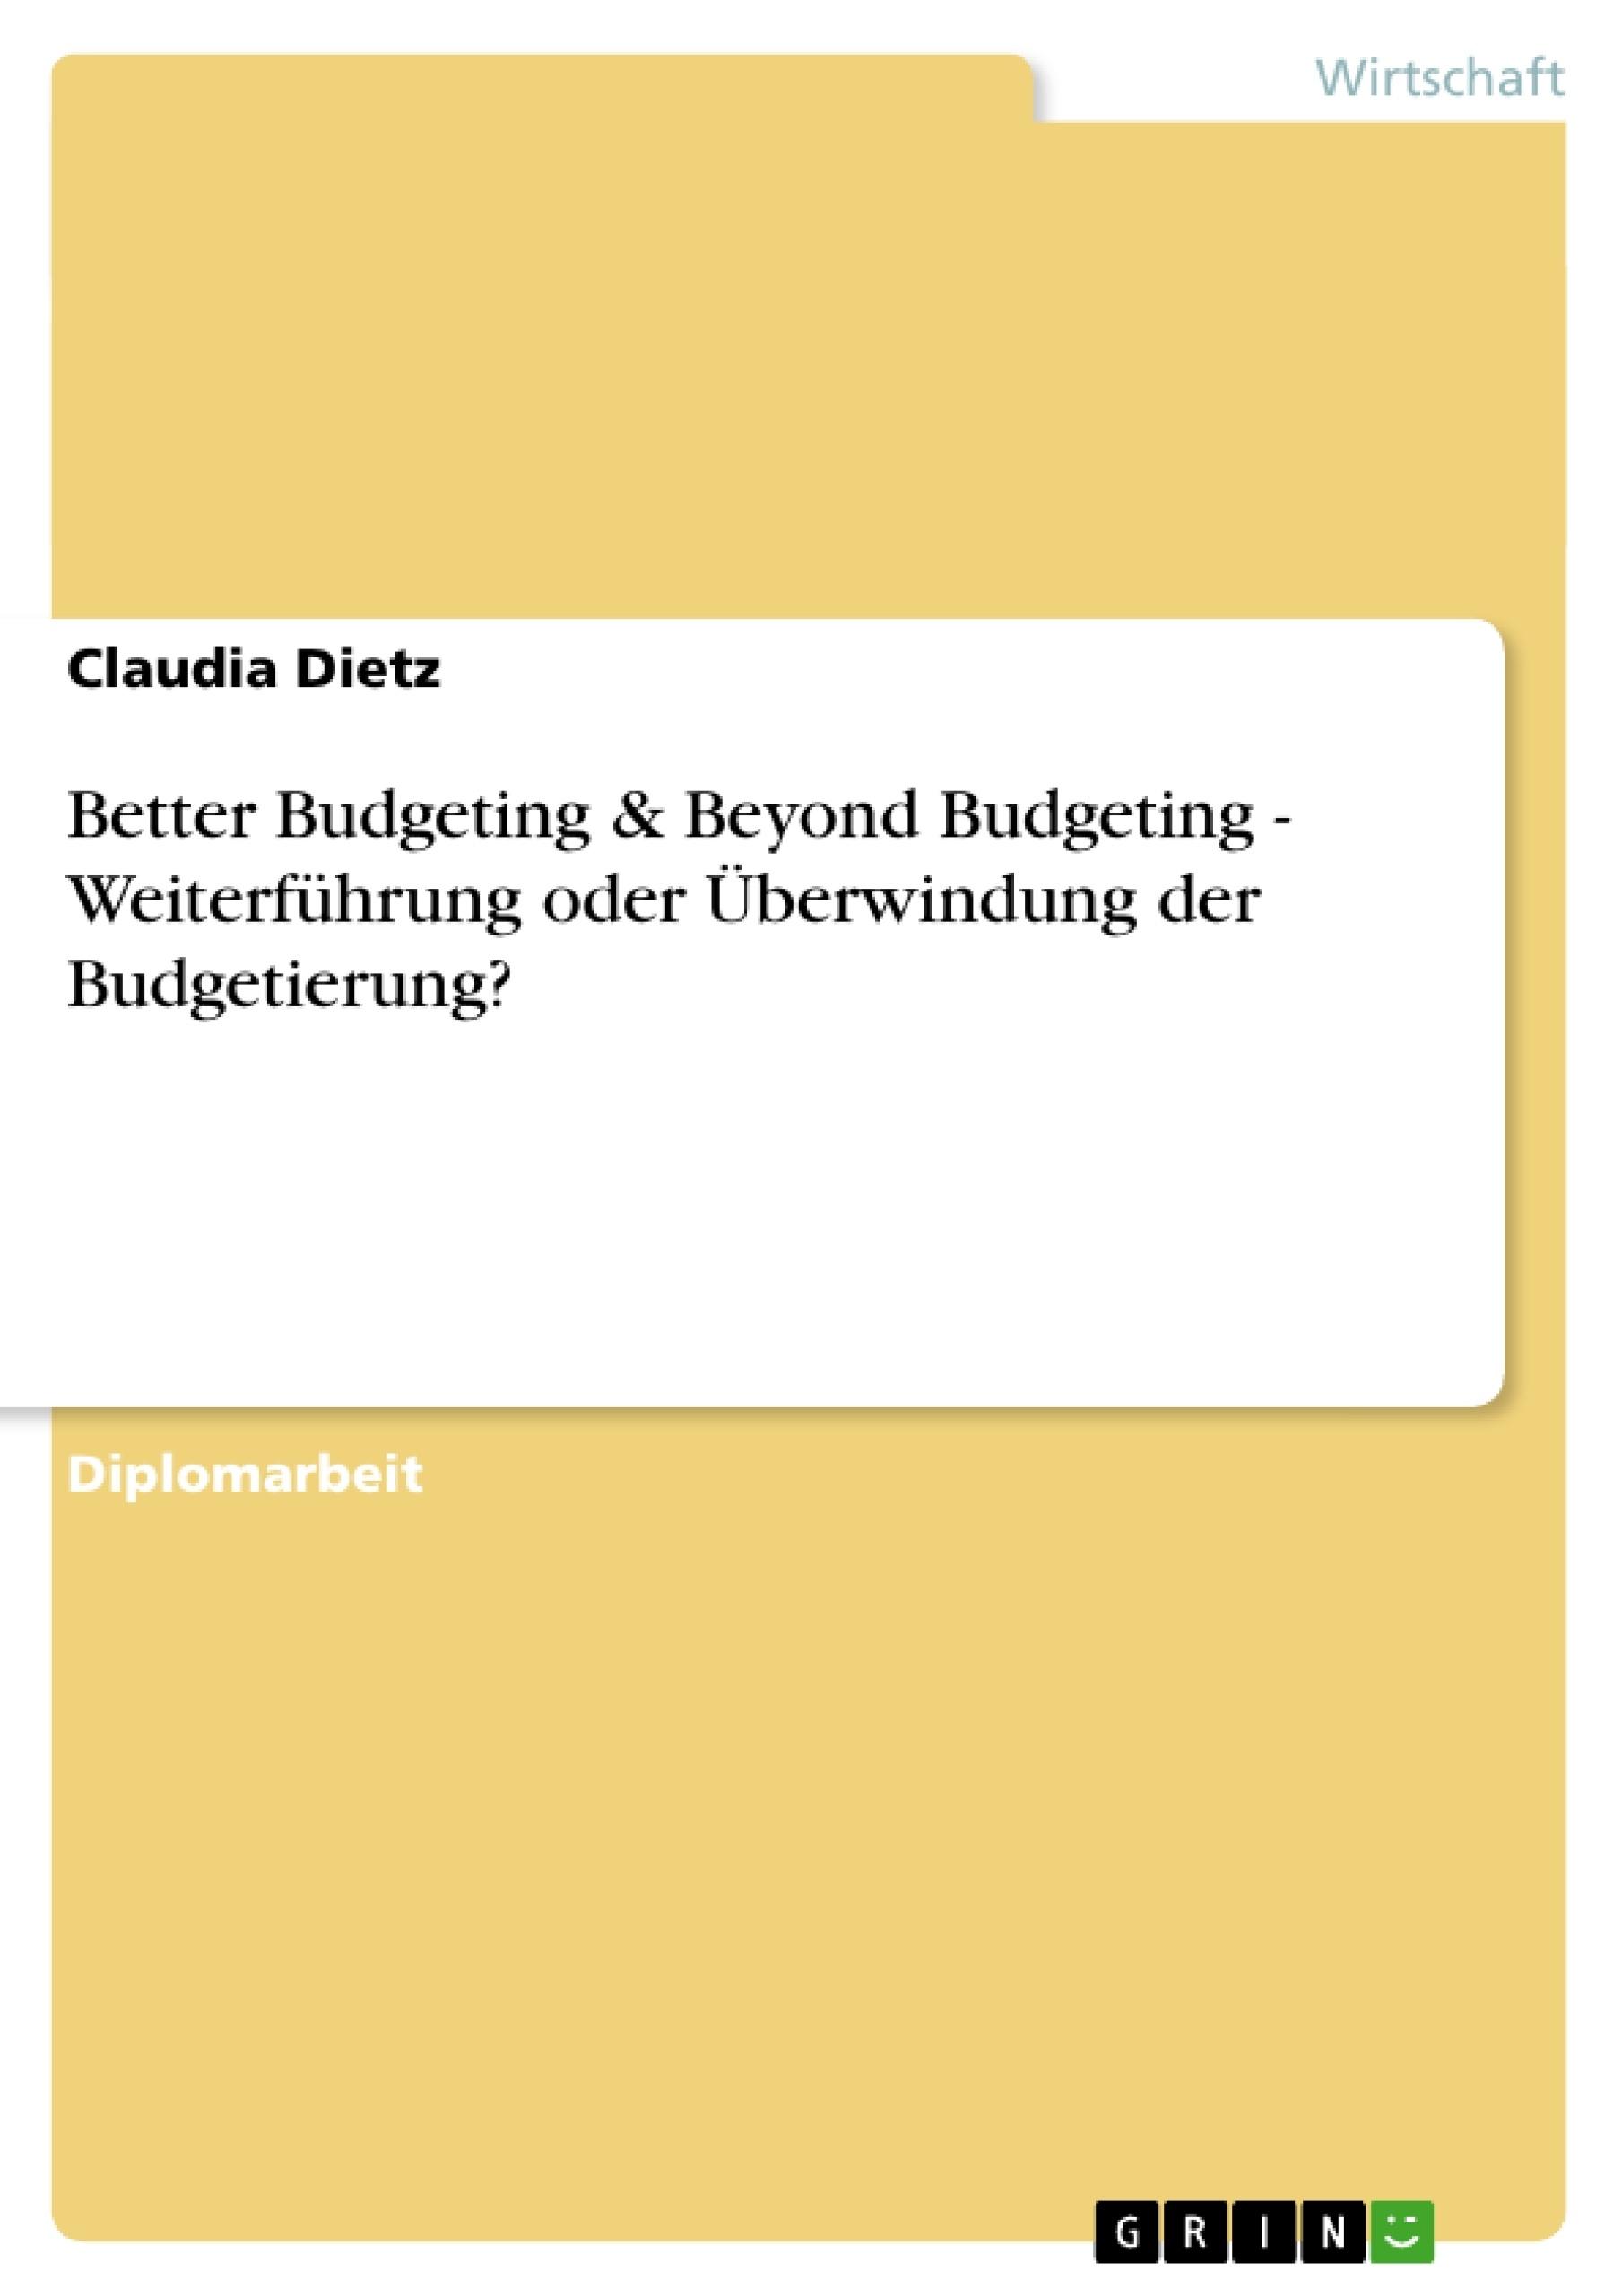 Titel: Better Budgeting & Beyond Budgeting - Weiterführung oder Überwindung der Budgetierung?